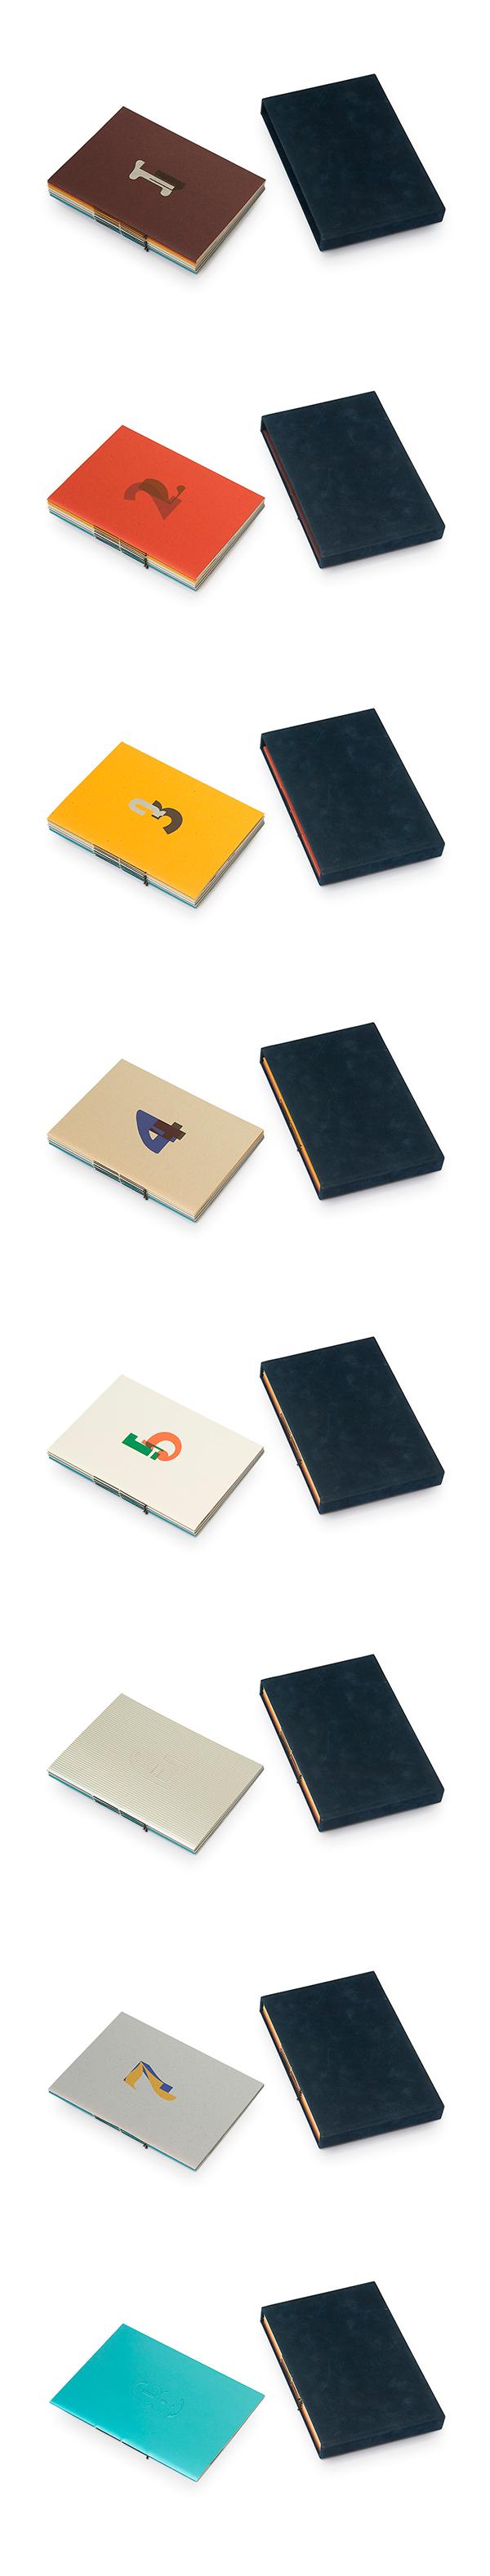 Serie van acht kunstenaarsboekjes in een cassette, waarbij alle omslagen en schutbladen op een verschillende soort papier zijn gedrukt. Opdrachtgever Stadscollectie/ Gemeente Museum Den Haag.